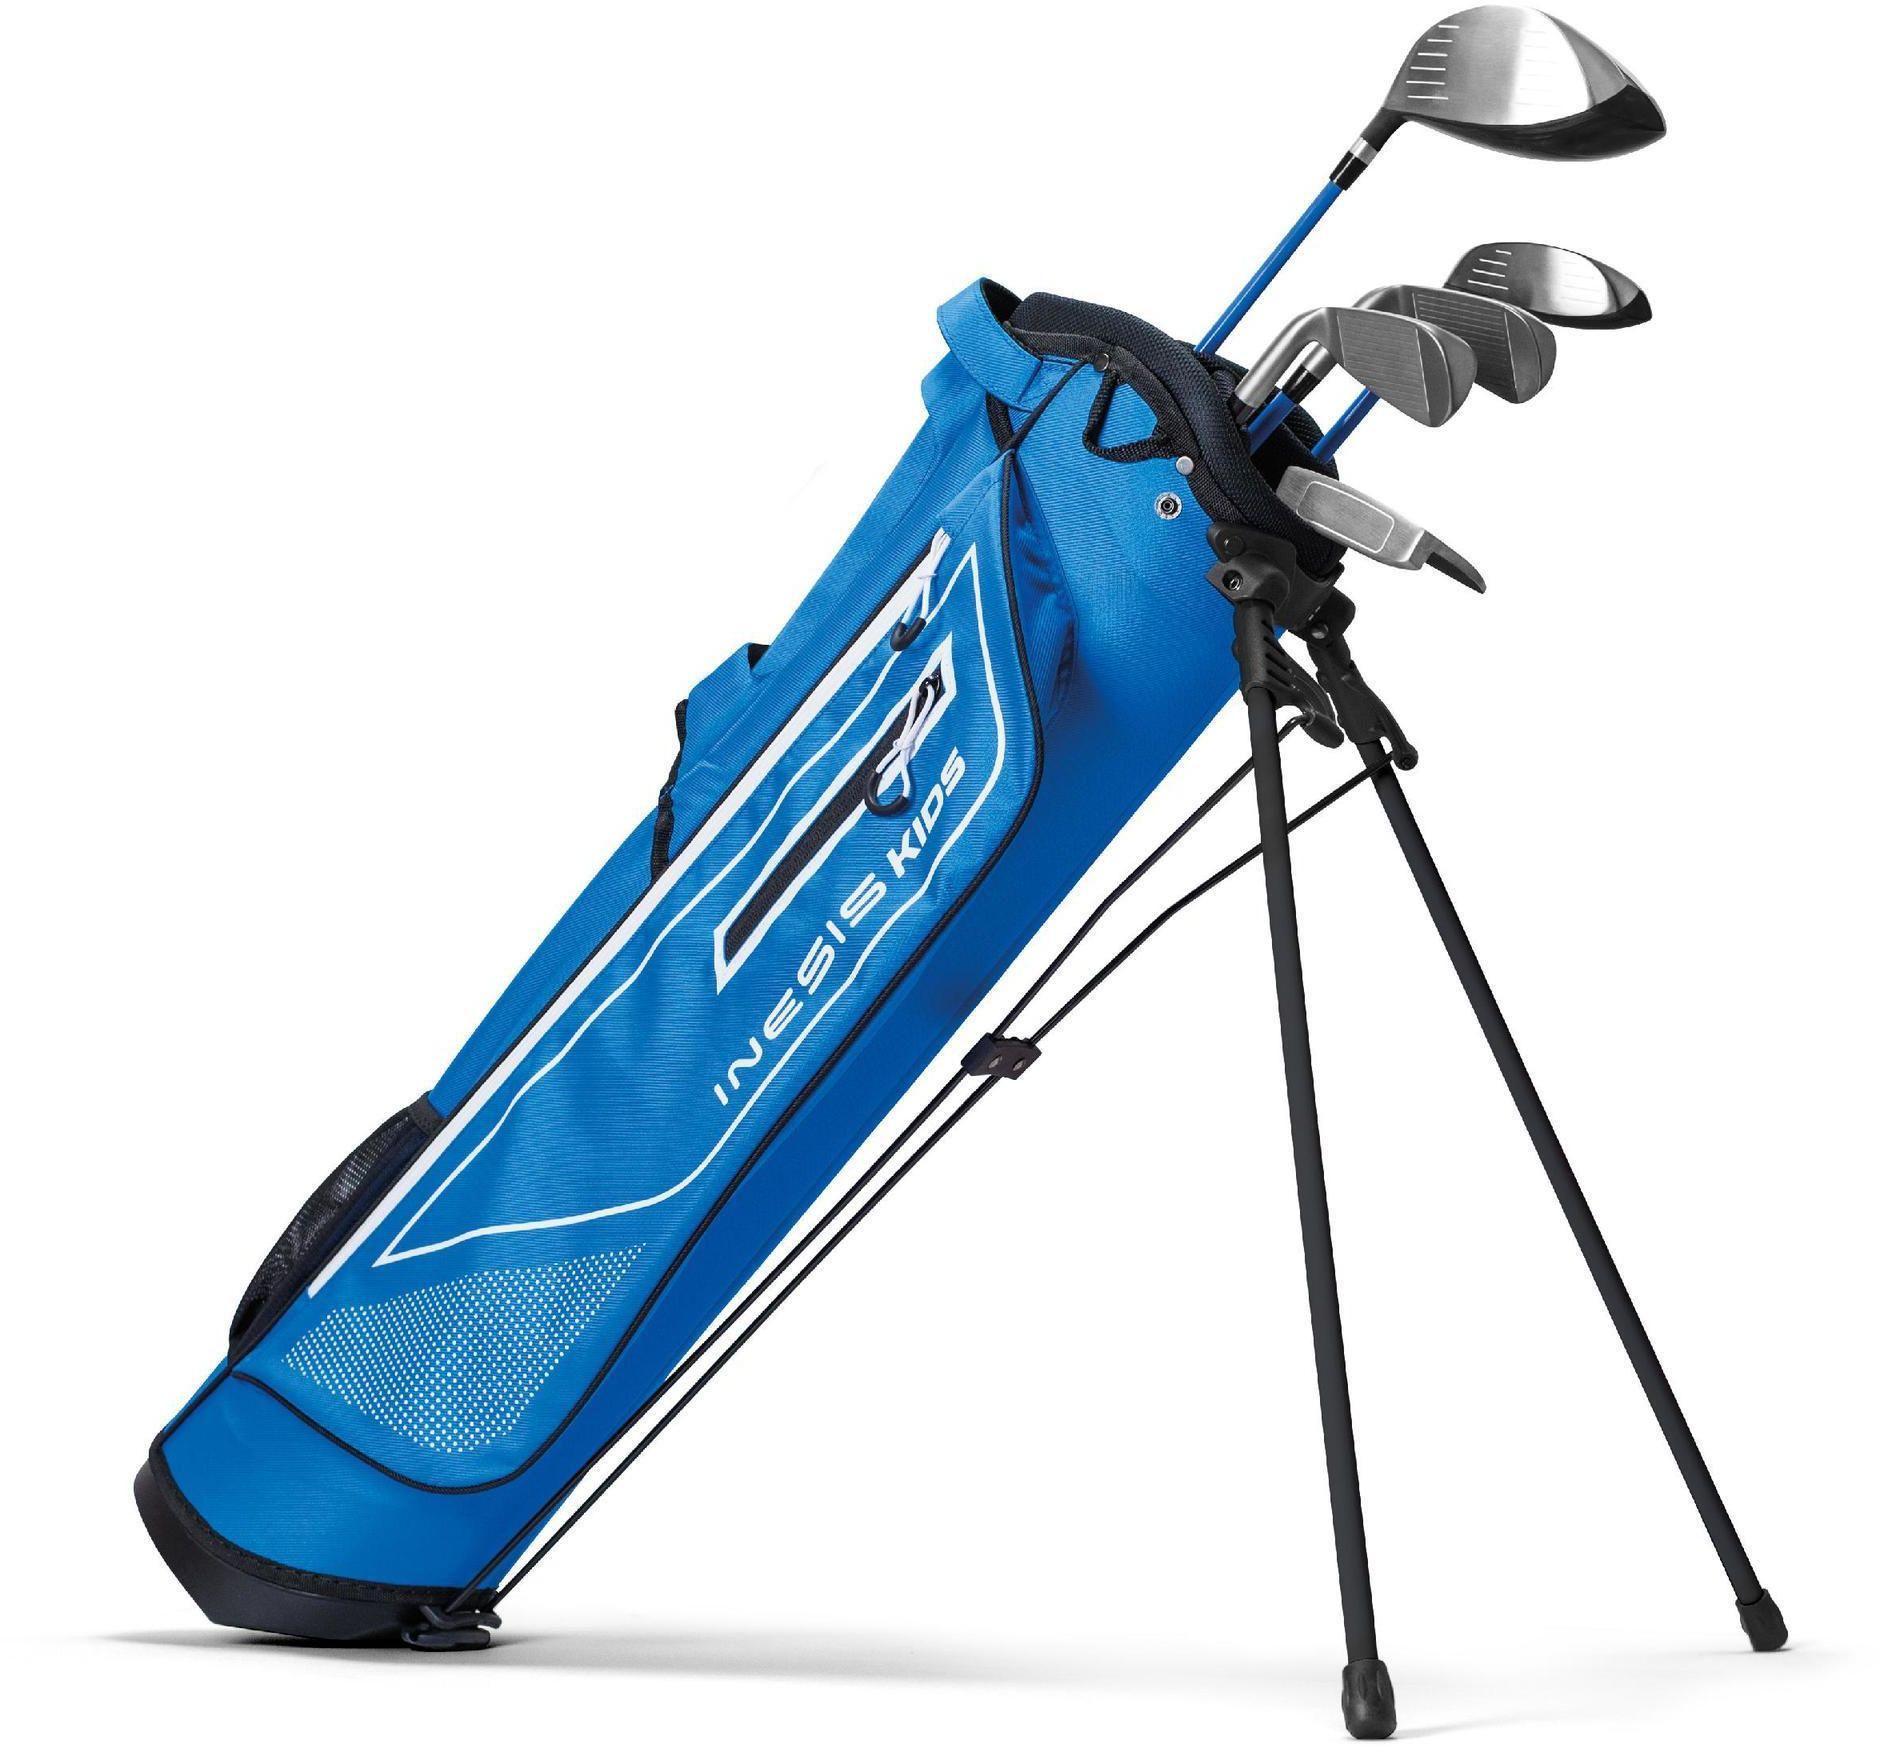 Kije golfowe zestaw dla dzieci 11-13 lat dla praworęcznych